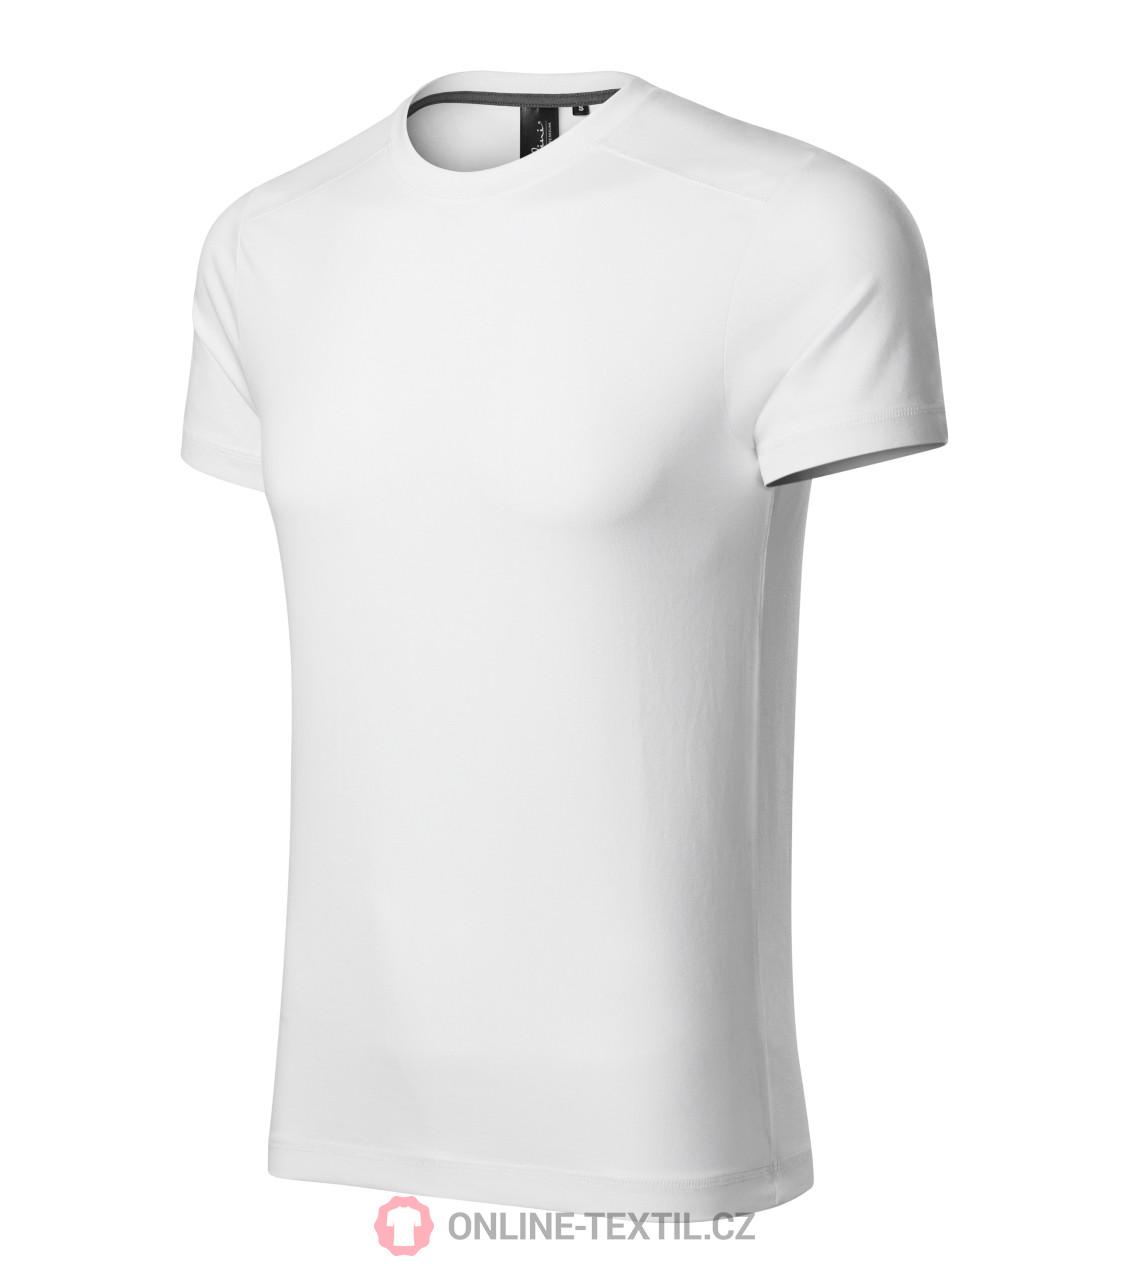 b00c744df9fc ADLER CZECH Prémiové pánske tričko Action vyššej gramáže 150 - biela ...